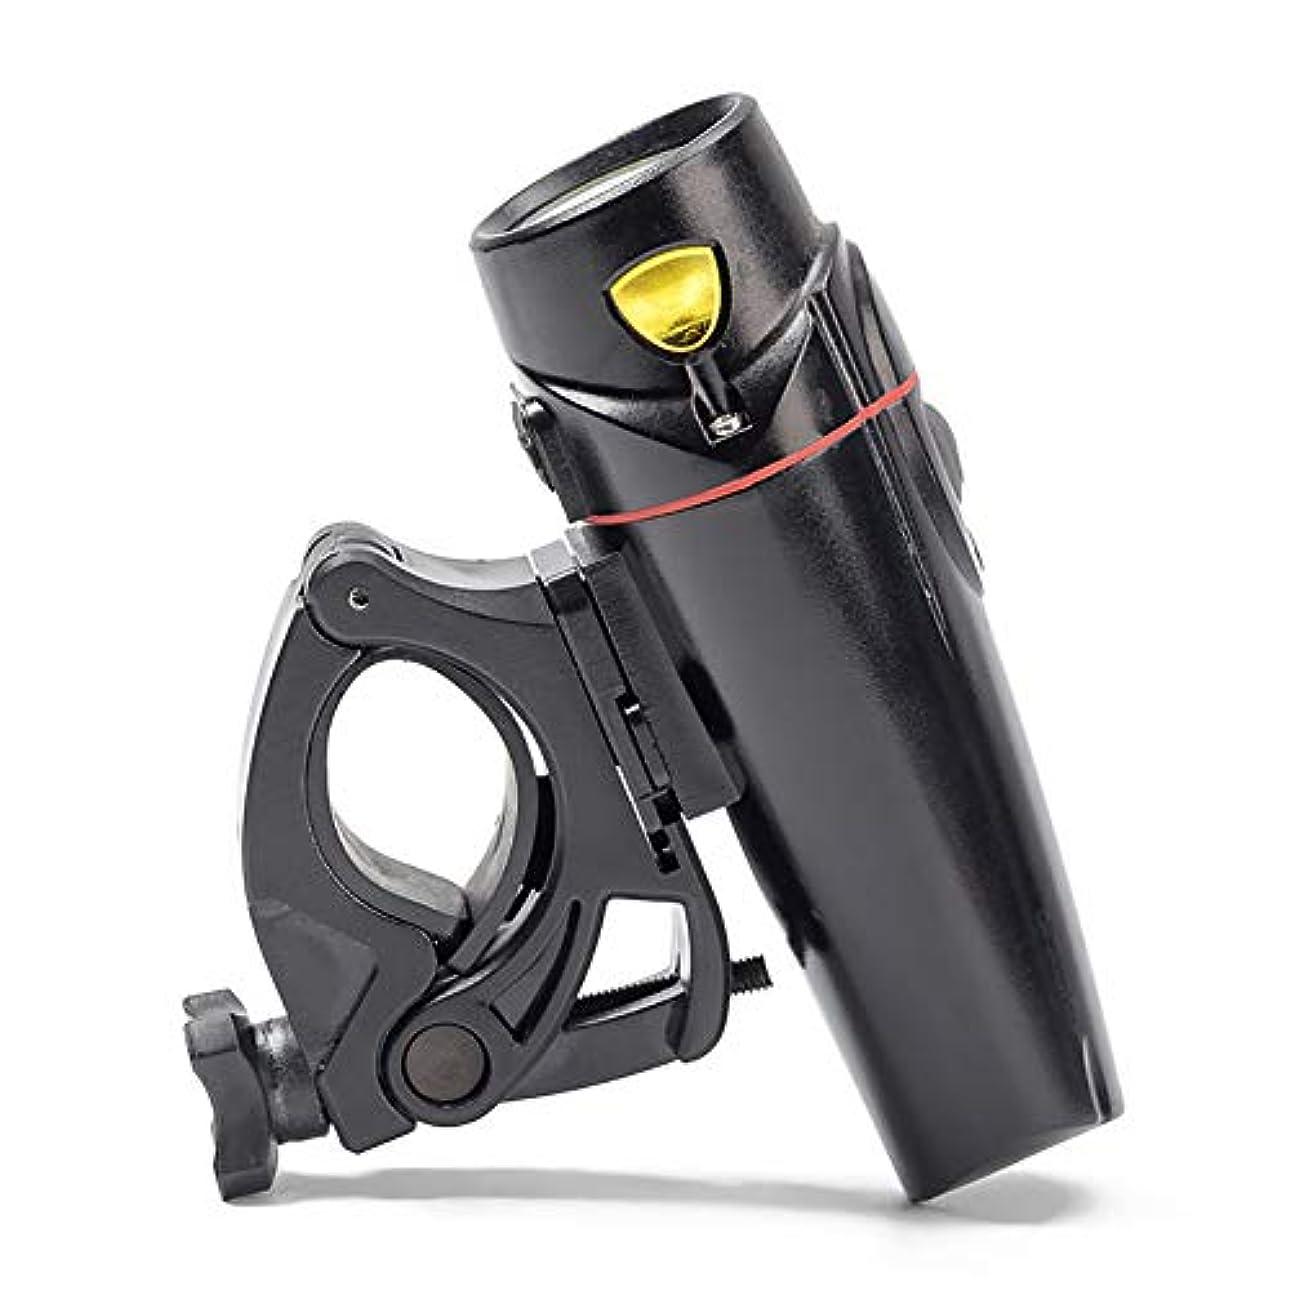 ファブリックランチョン交流する自転車 ヘッドライト ドイツの規制 警告灯 マウンテンバイク 350 ルーメン USB 充電ライト